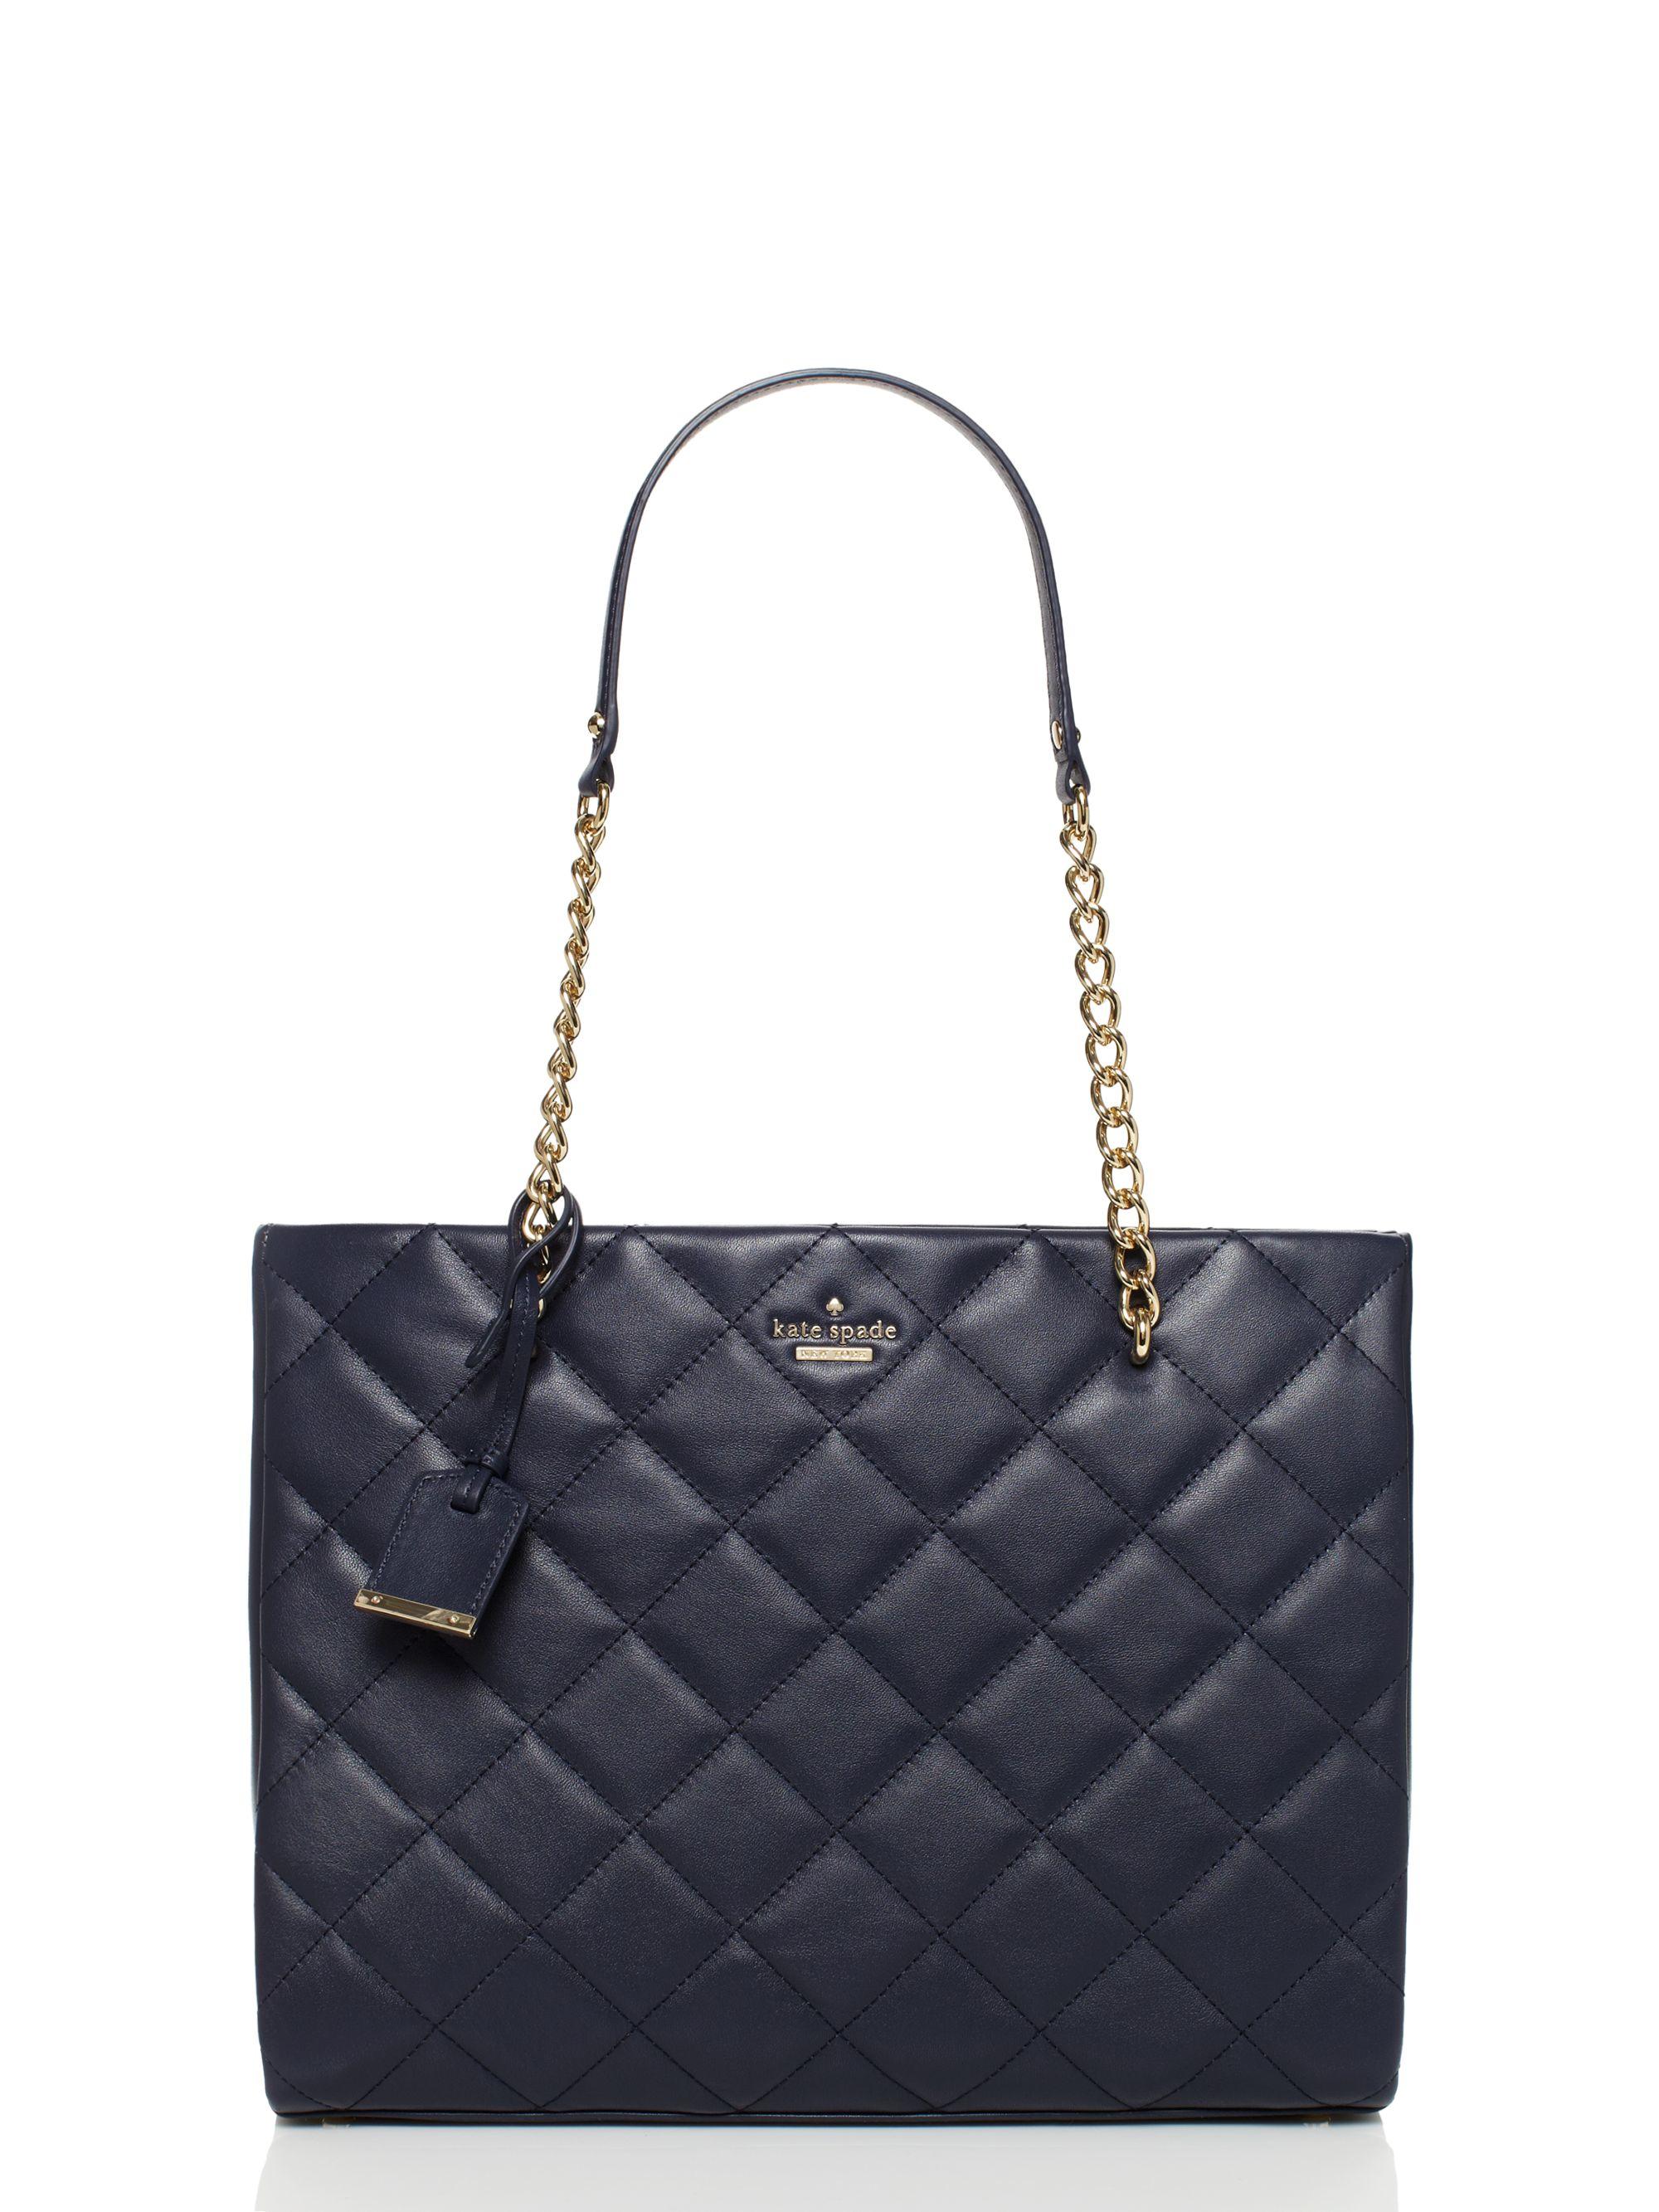 Small Handbags Kate Spade Emerson Phoebe